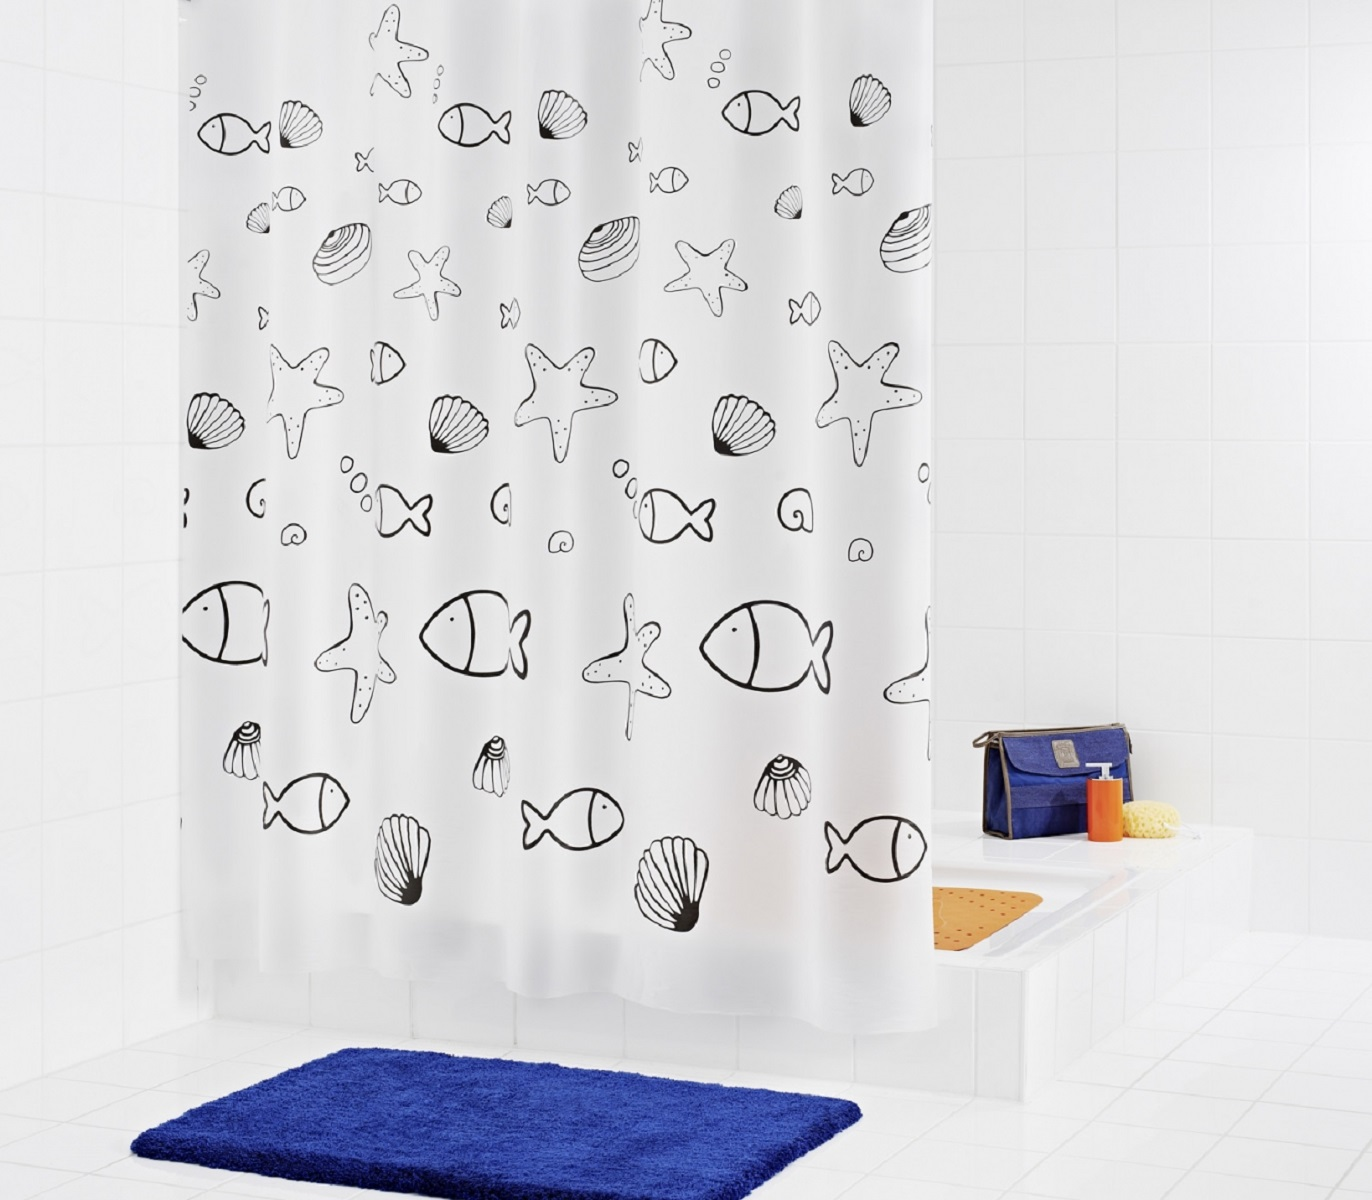 Штора для ванной комнаты Ridder Seashell, 180 х 200 см620-18Высококачественная немецкая штора для душа создает прекрасное настроение.Продукты из эколена не имеют запаха и считаются экологически чистыми.Ручная стирка. Не гладить.